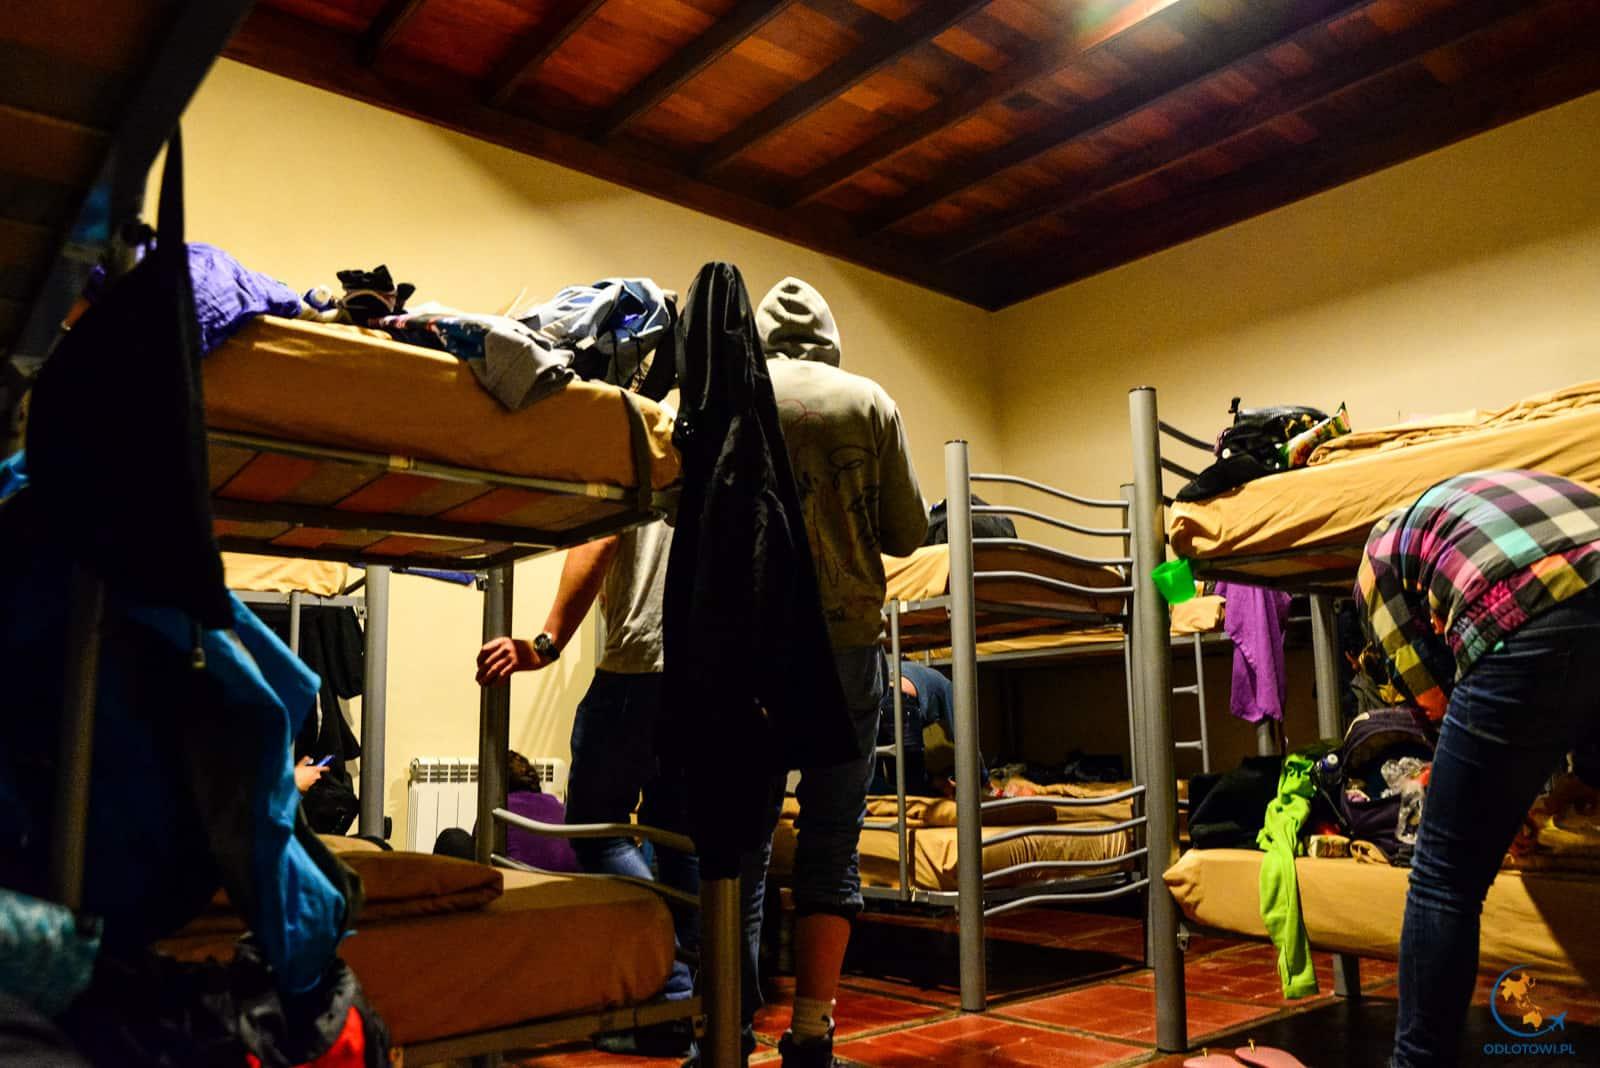 Schronisko Altavista - pokoje | Altavista del Teide Refuge